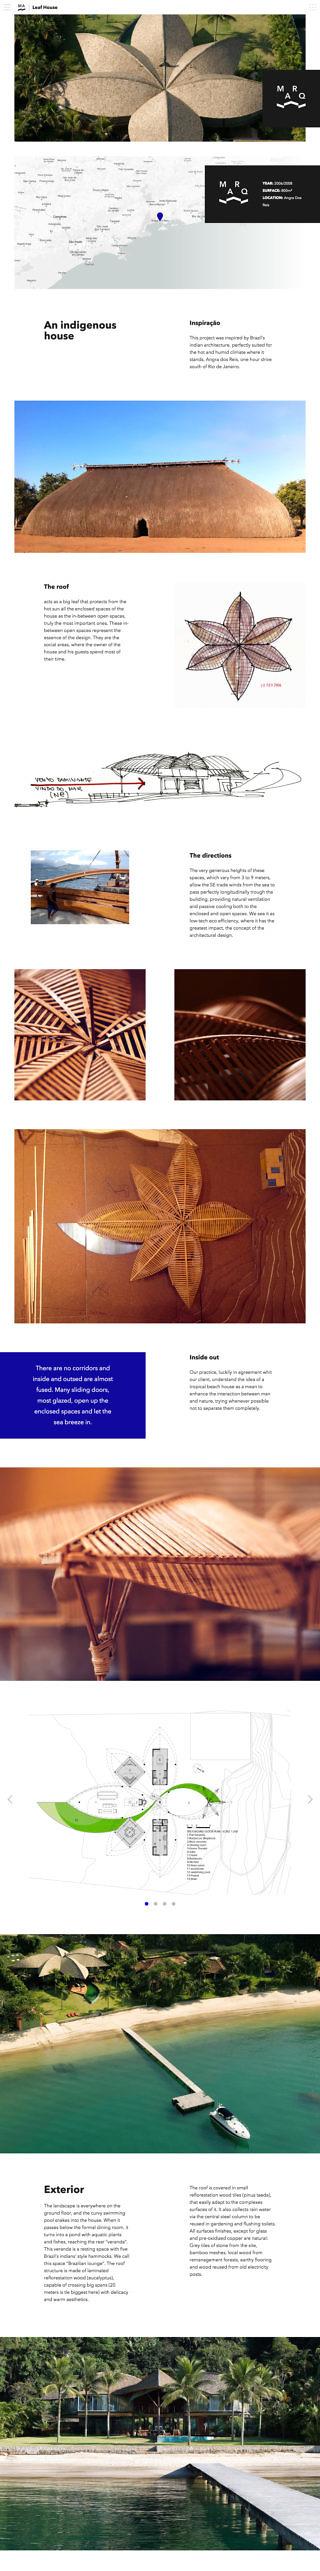 screencapture-mareinesarquitetura-br-en-projects-leaf-house-1505158123223